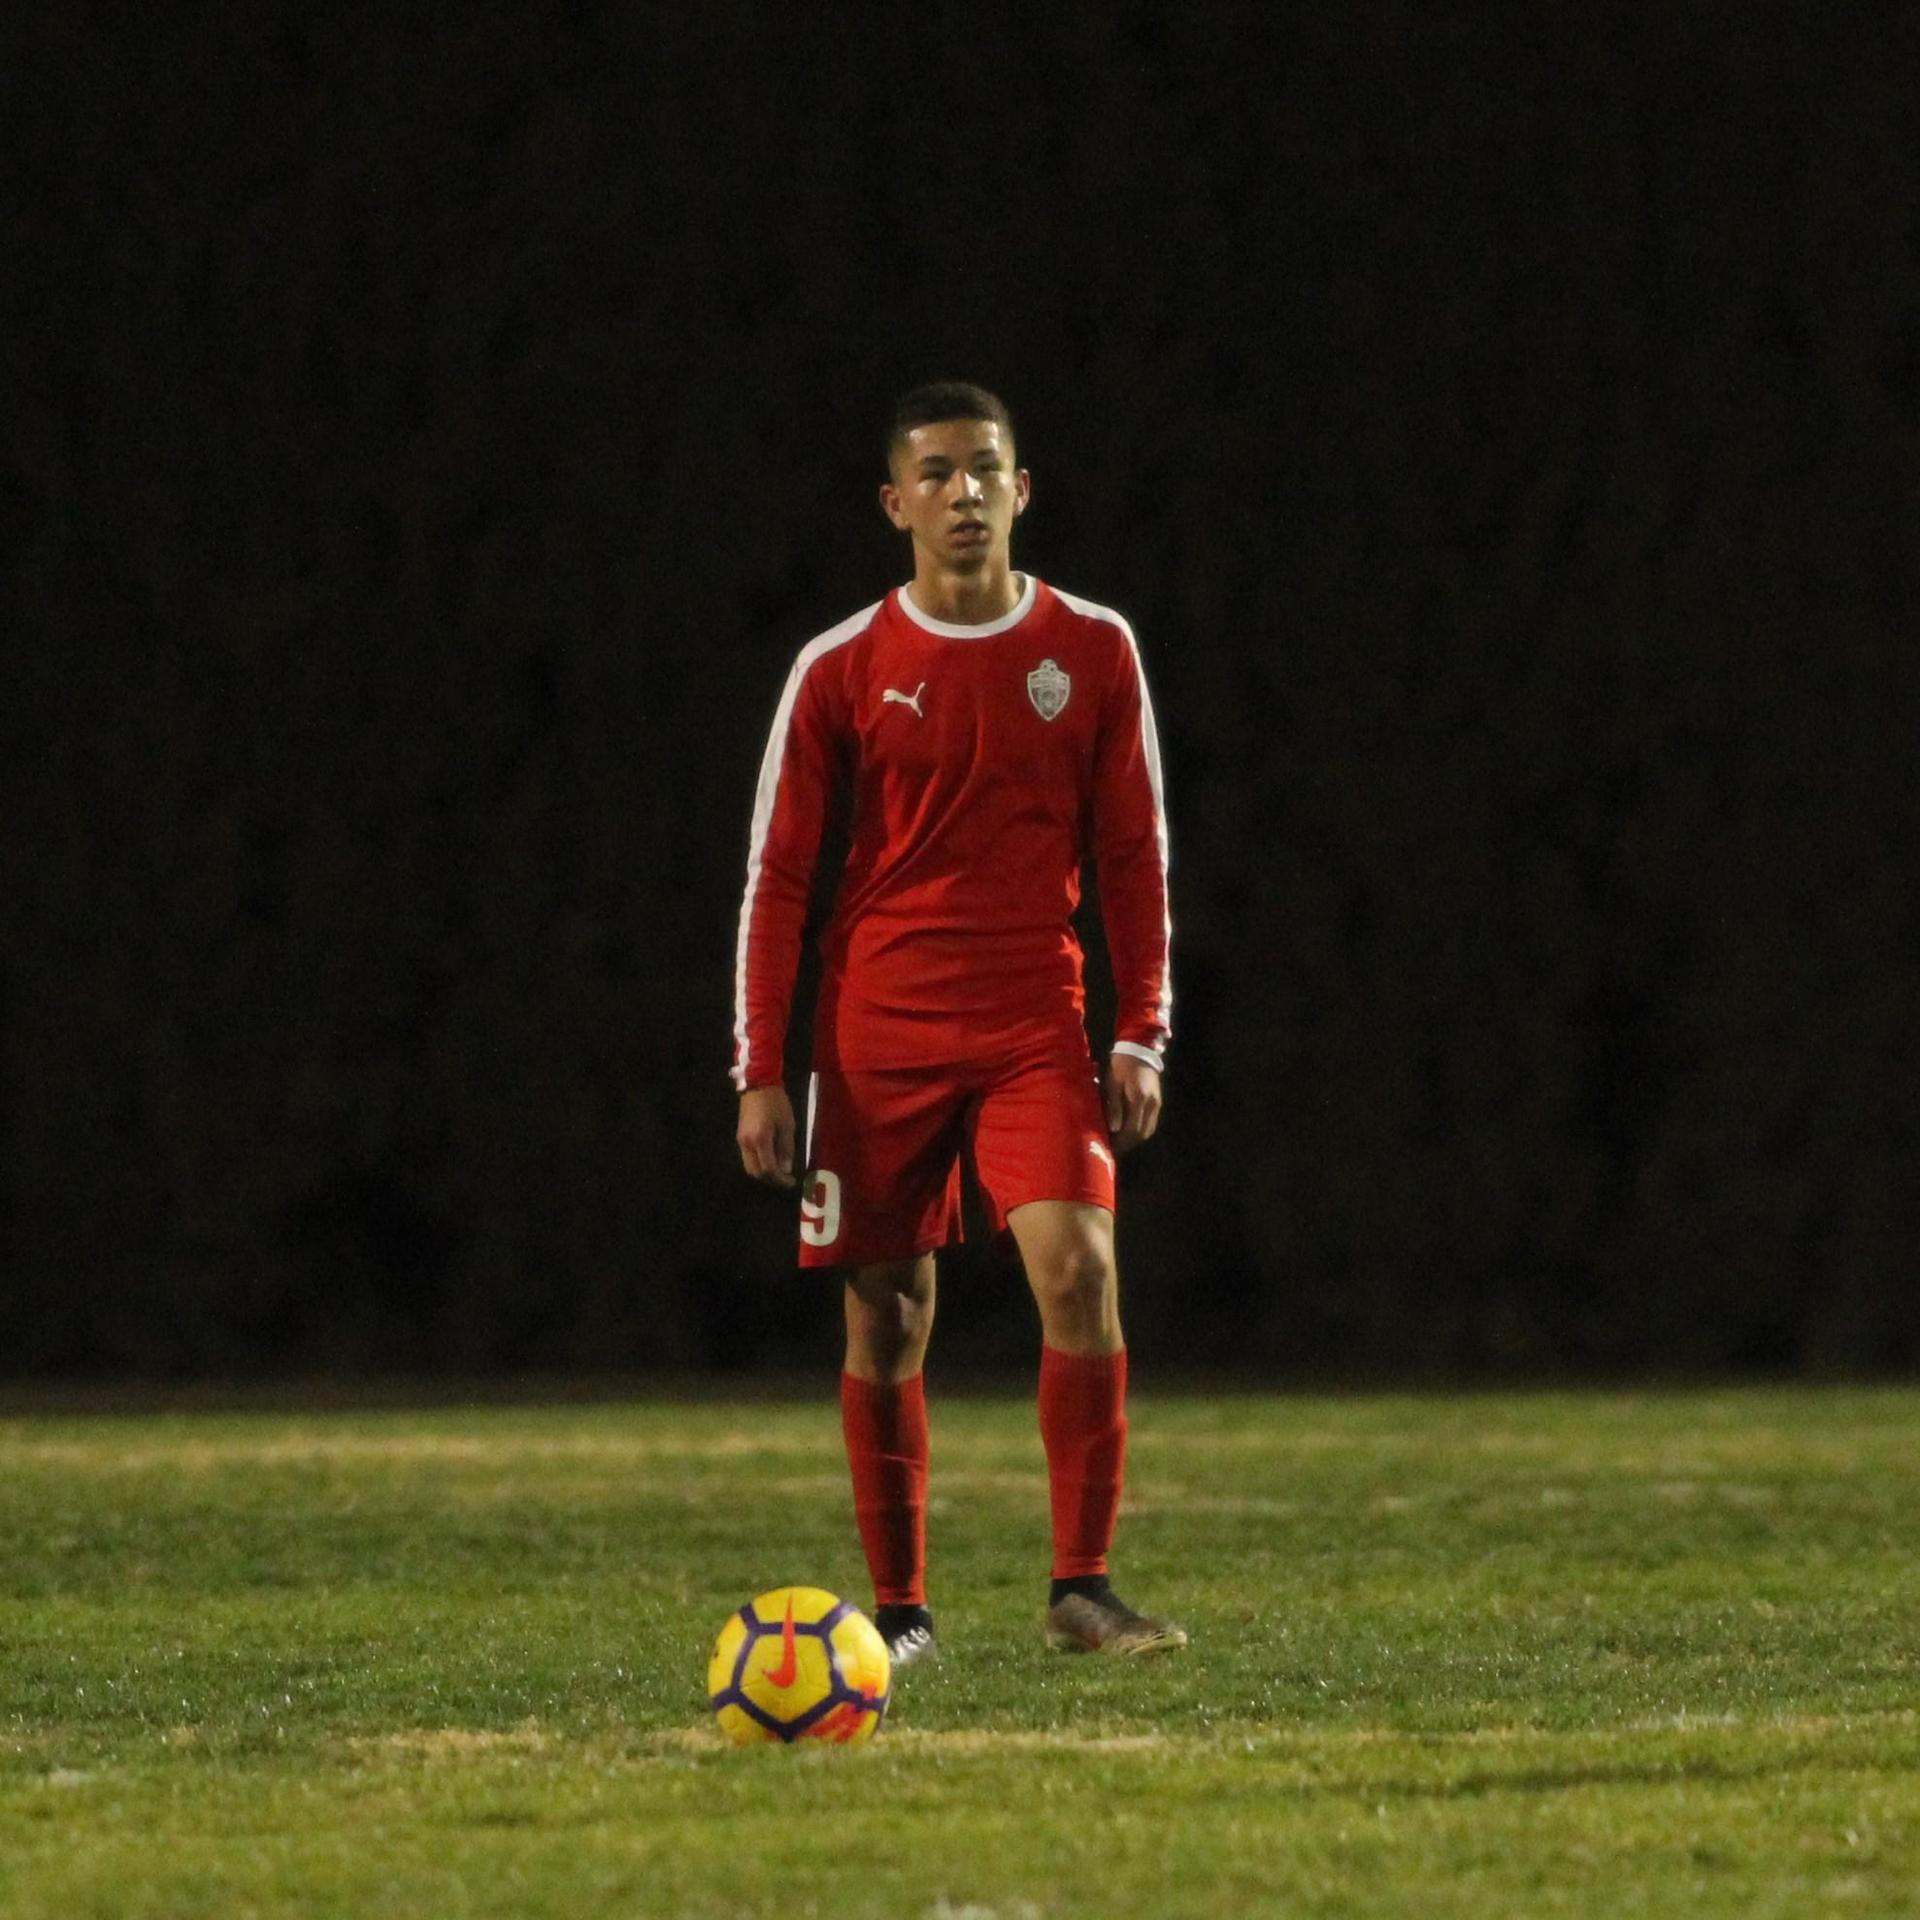 Jose Renteria waiting to kick the ball